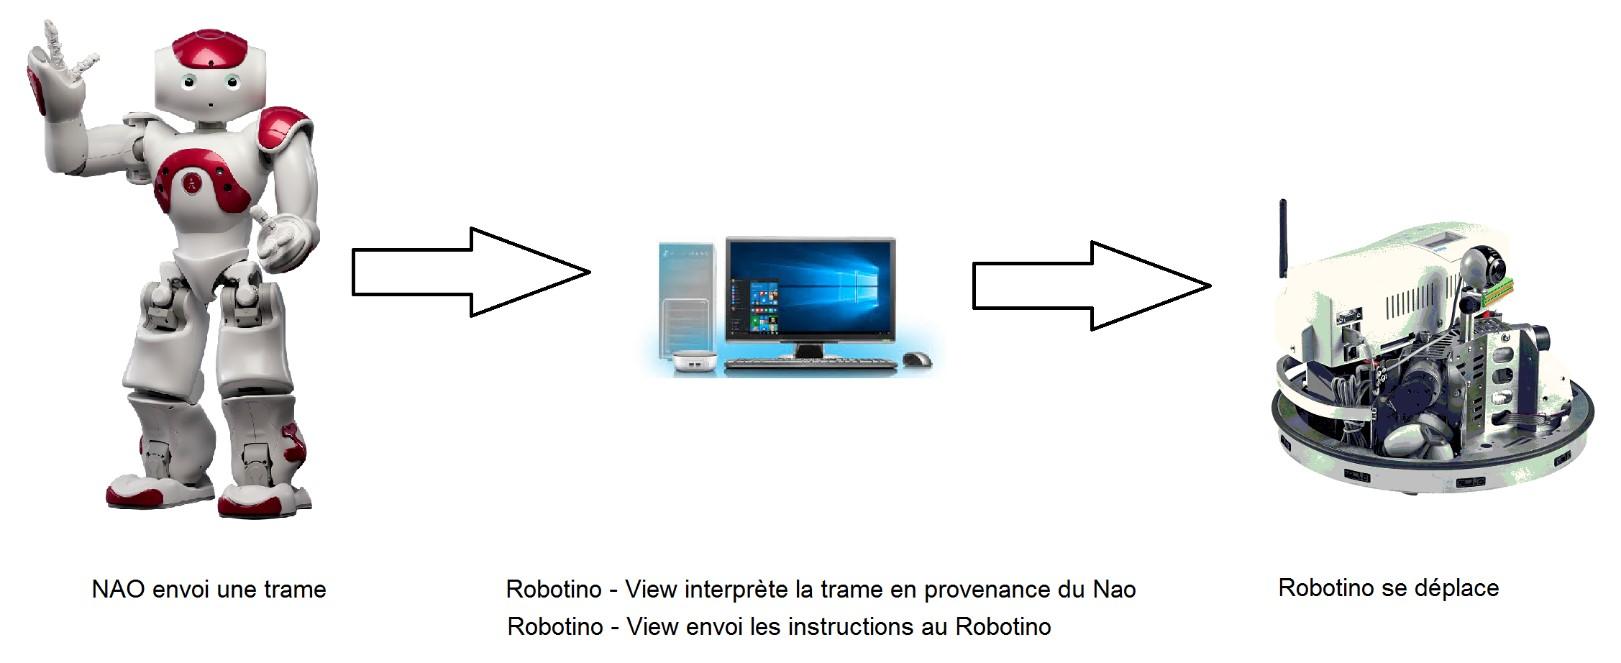 NAO vers Robotino